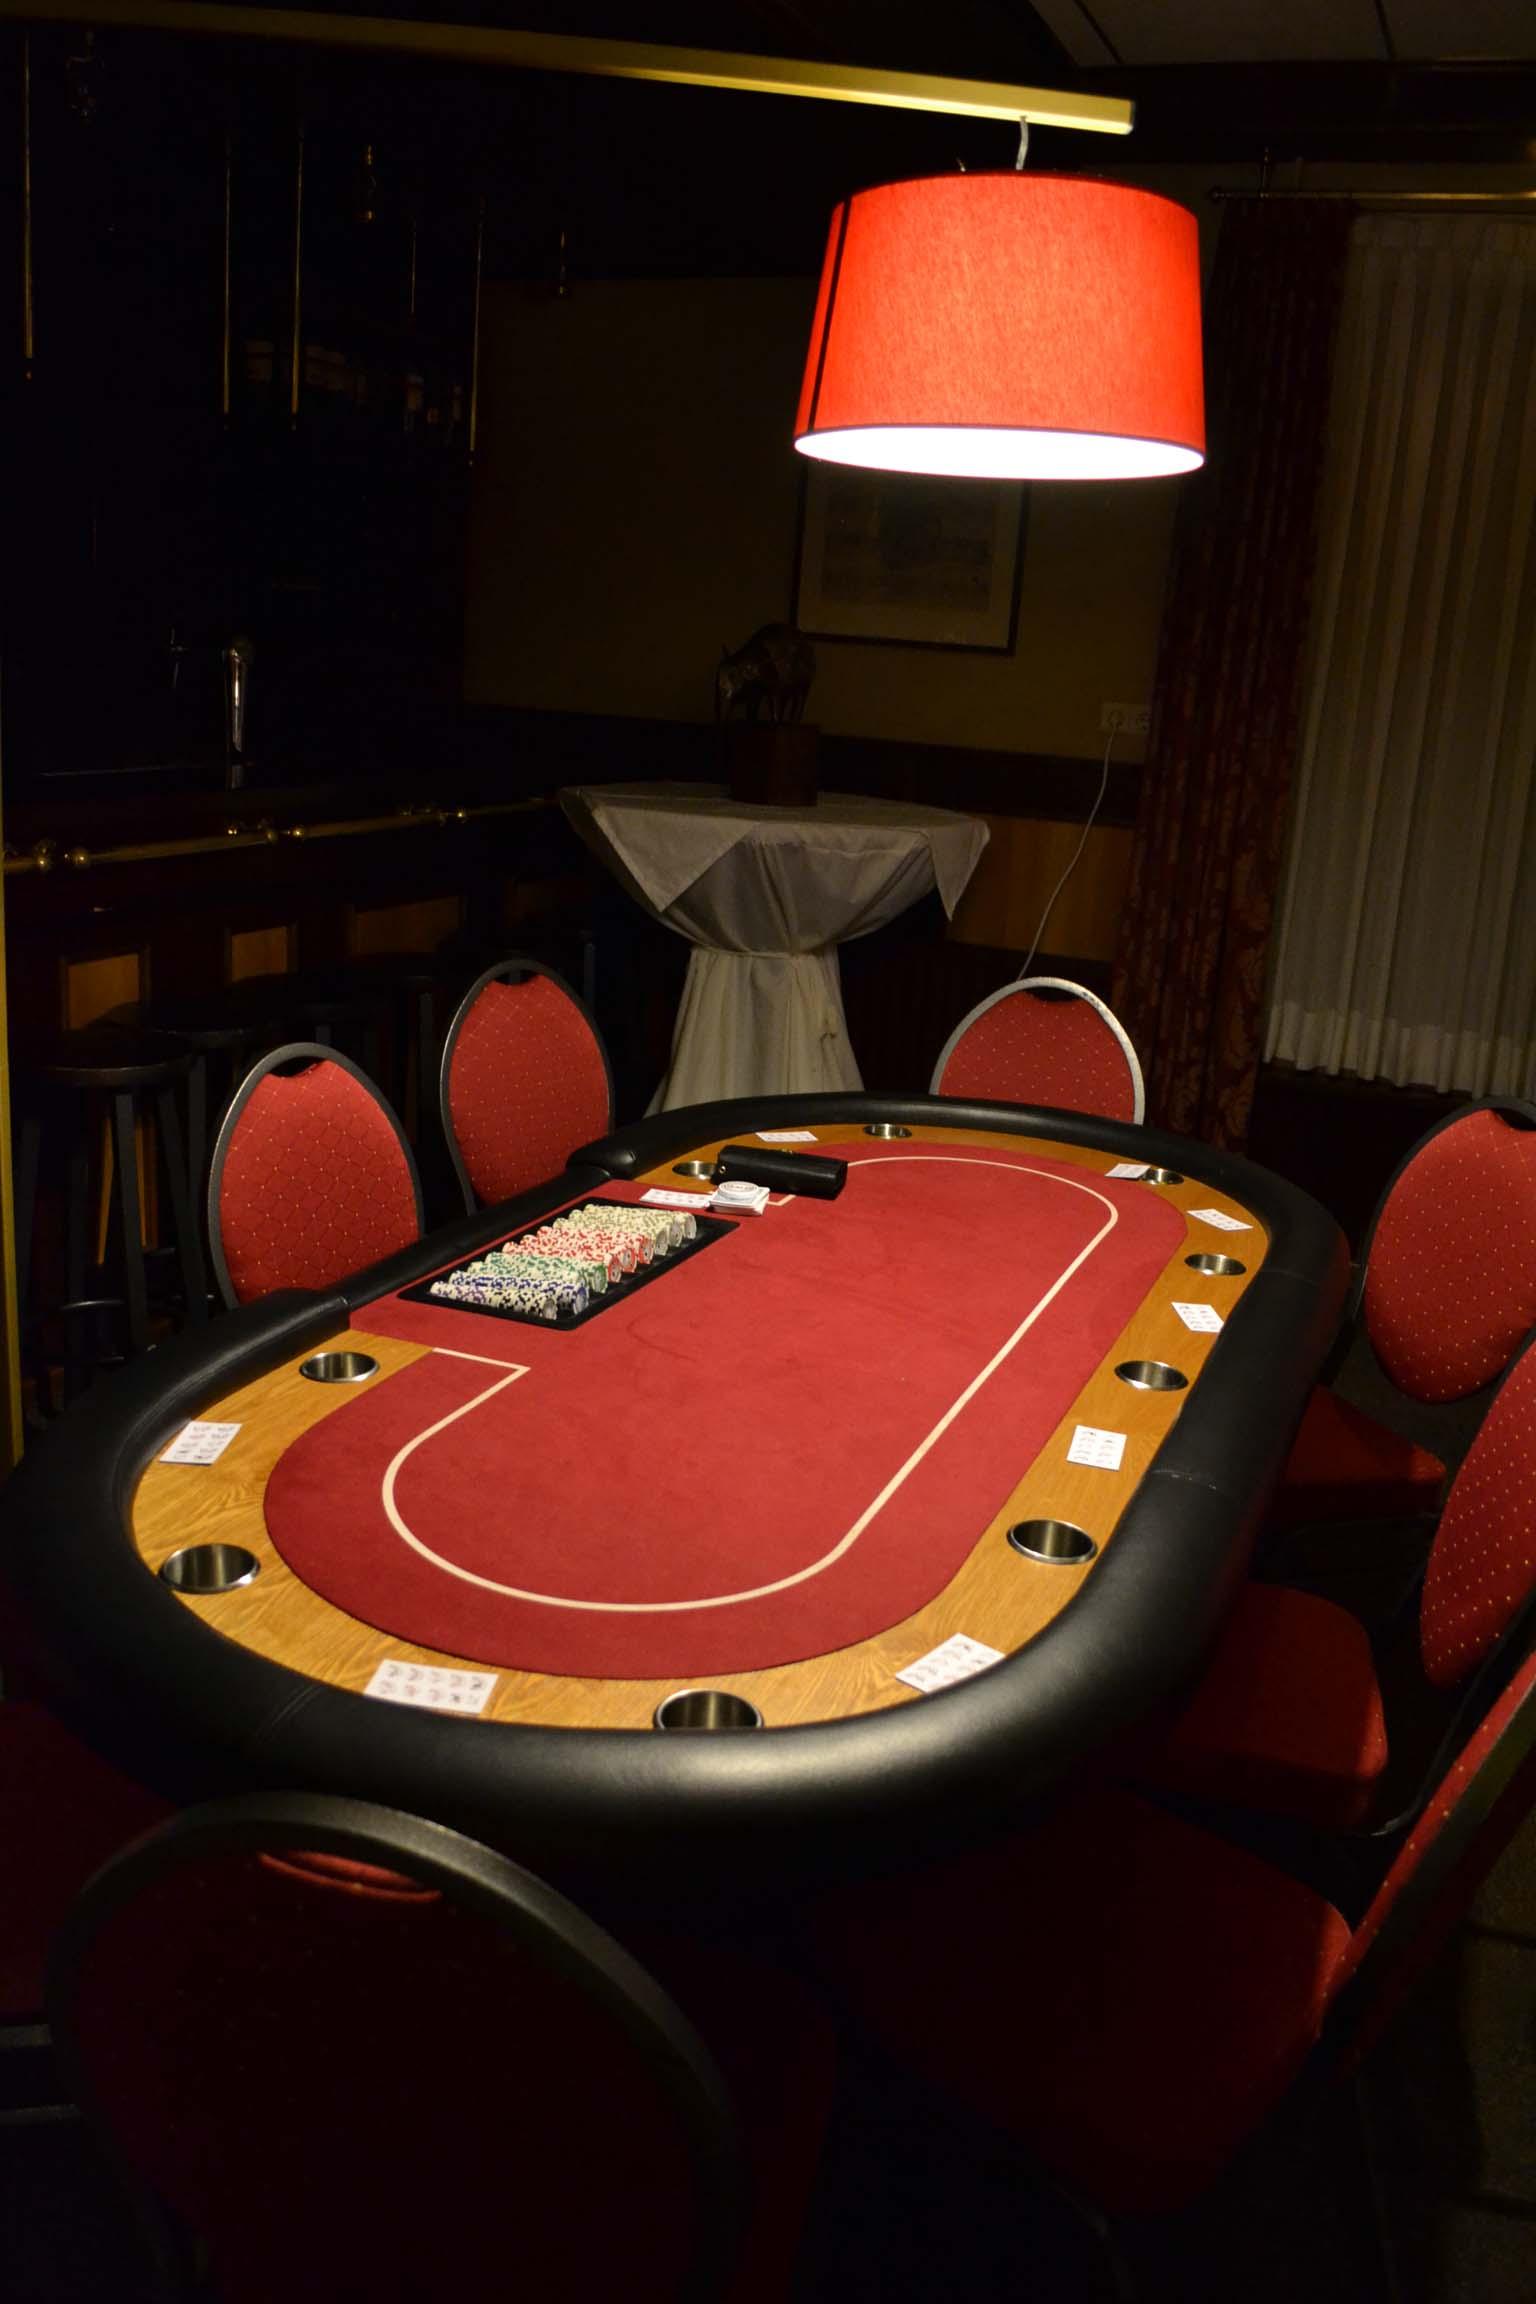 Pokerworkshop organiseren